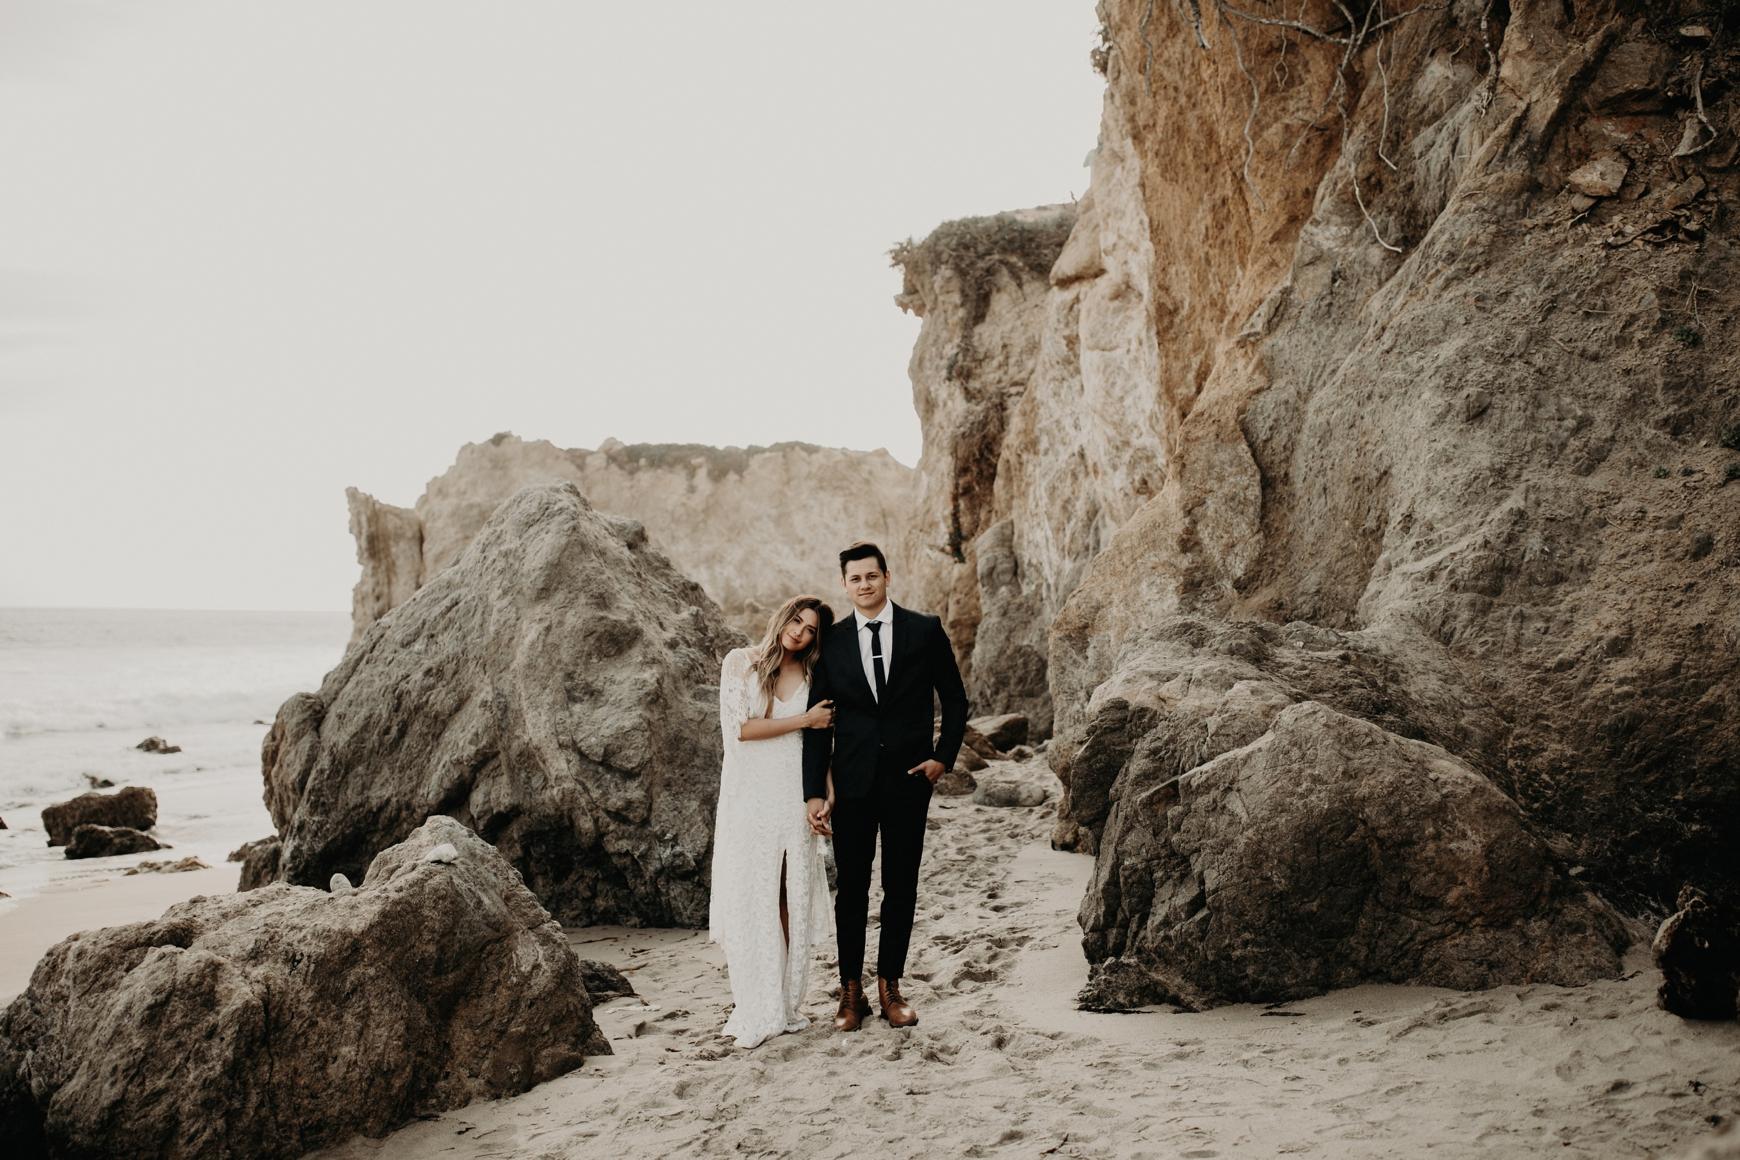 El Matador Beach Bridal Portraits Justellen & TJ Emily Magers Photography-191Emily Magers Photography.jpg